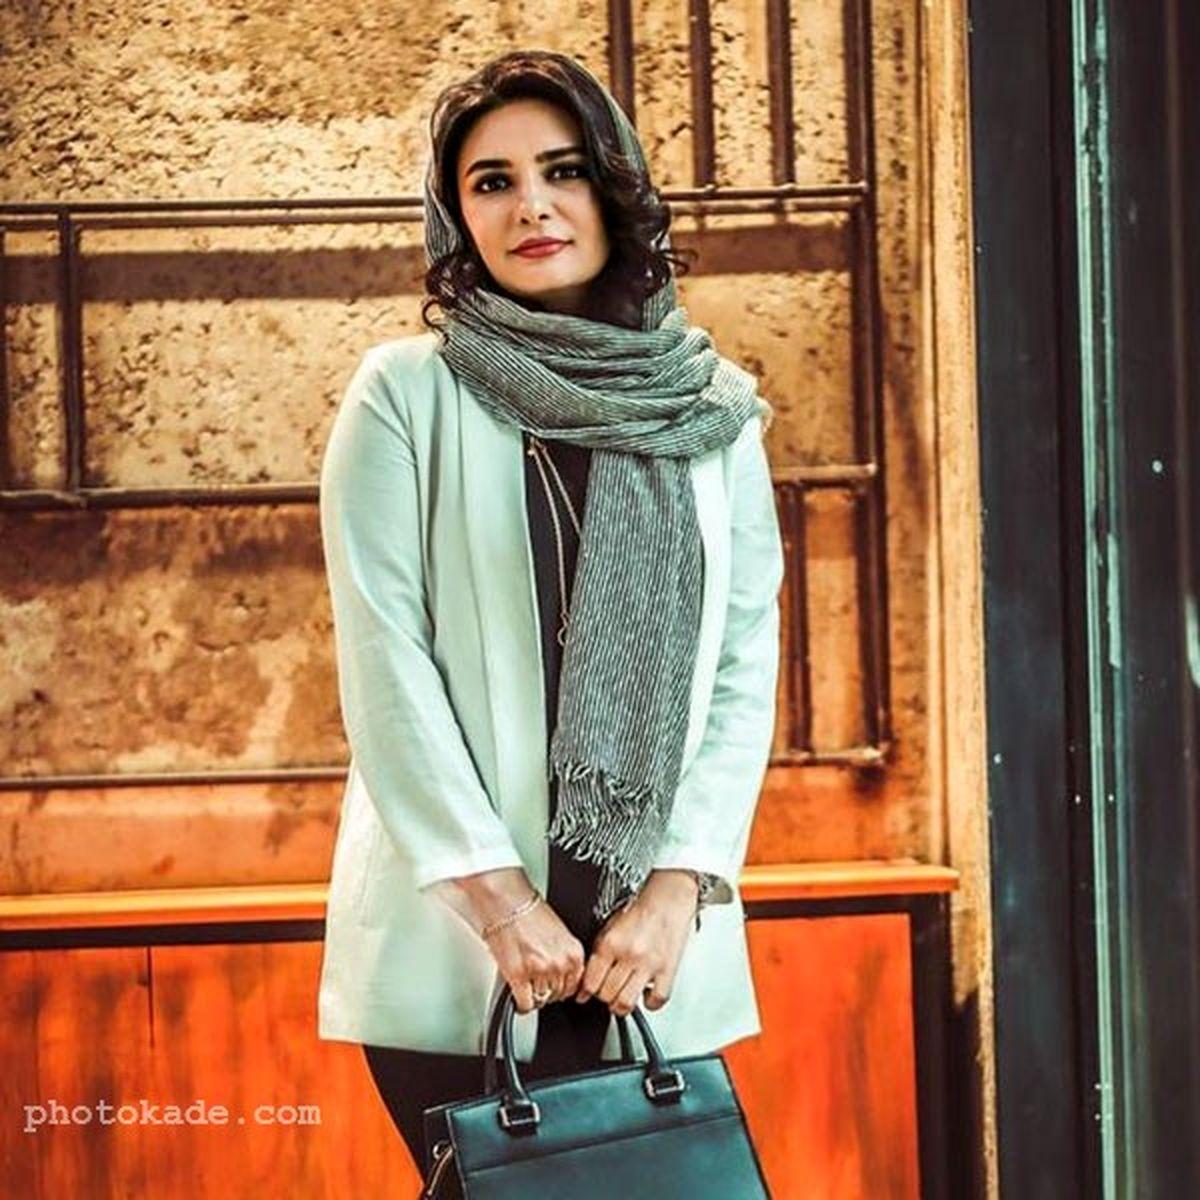 رابطه پنهانی لیندا کیانی با شوهر لیلا حاتمی در سریال میدان سرخ   عکسهای لیندا کیانی